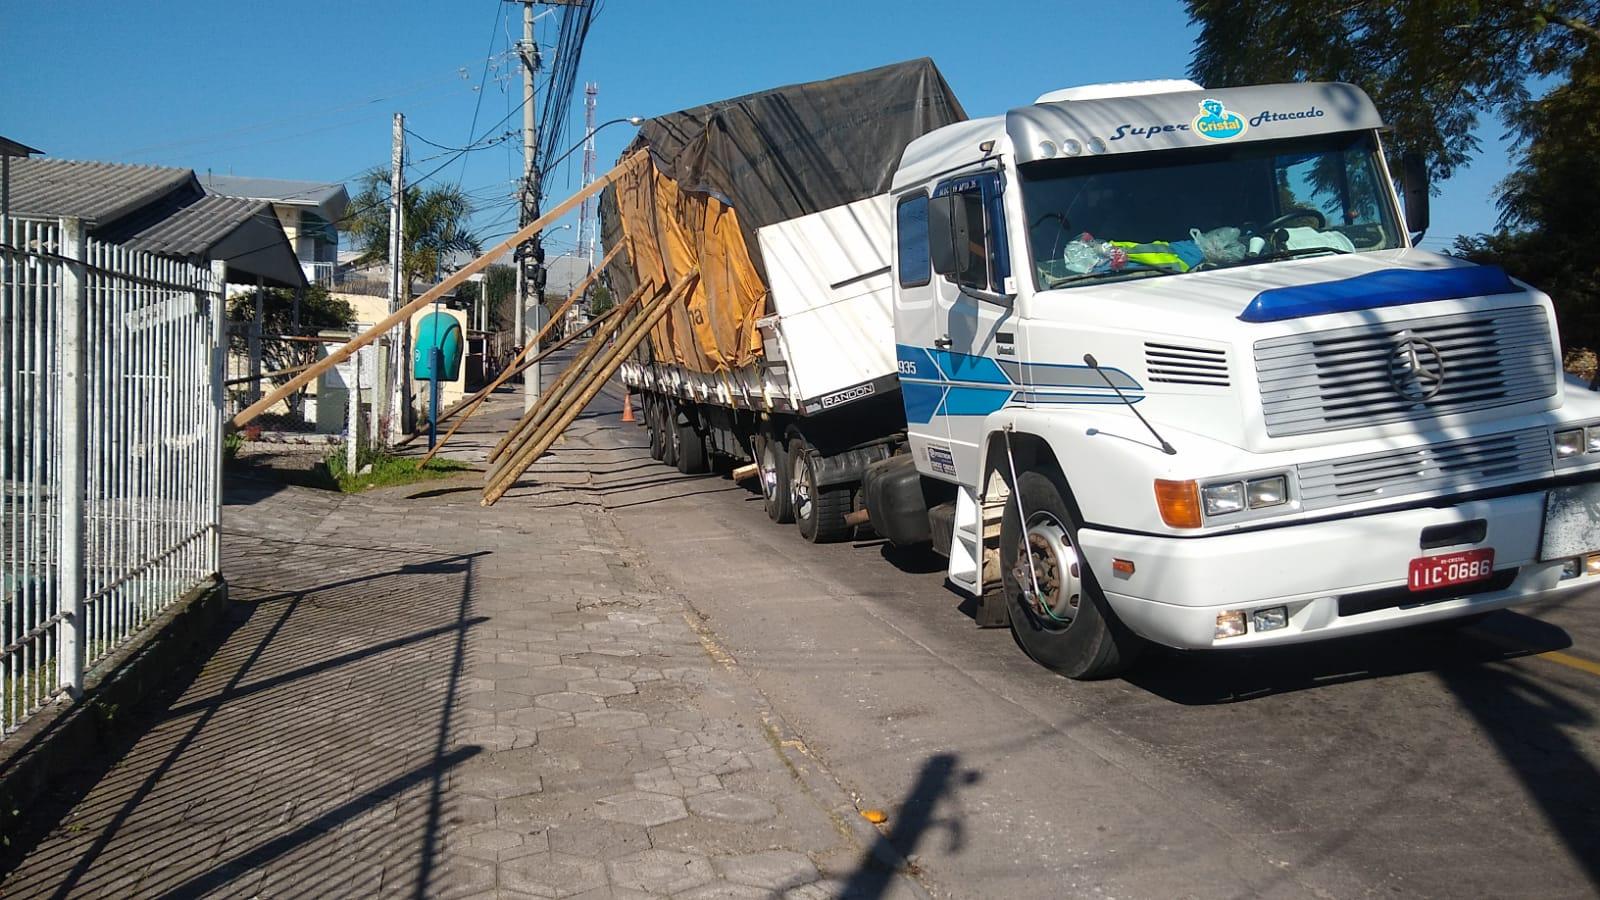 Carreta bloqueia trânsito no Vila Nova, em Bento